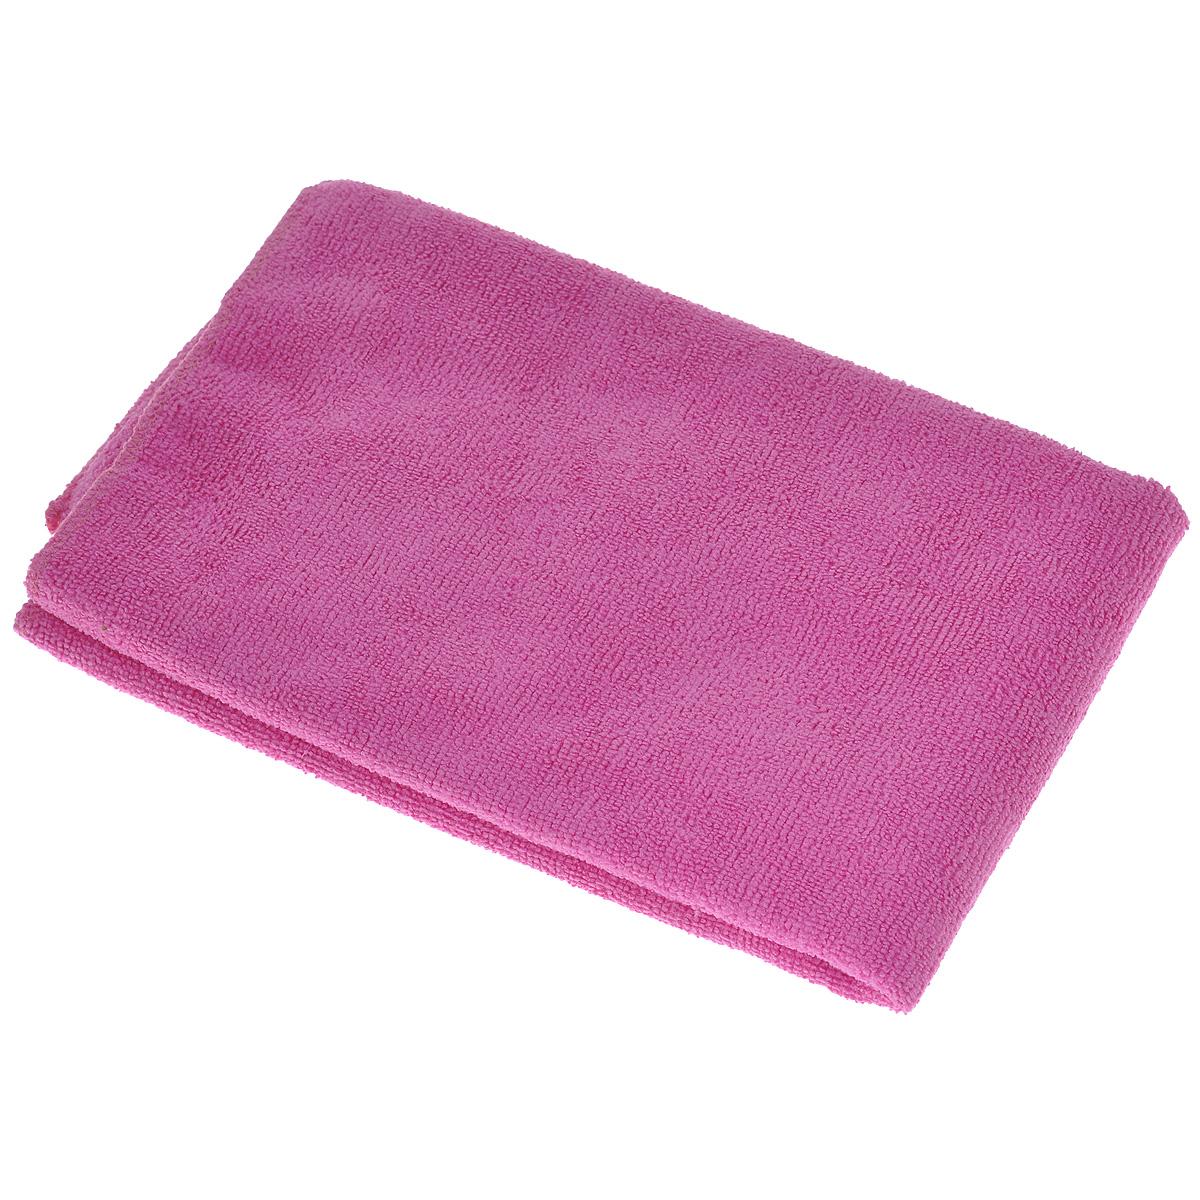 """Тряпка для пола """"Eva"""", цвет: розовый, 50 см х 60 см"""